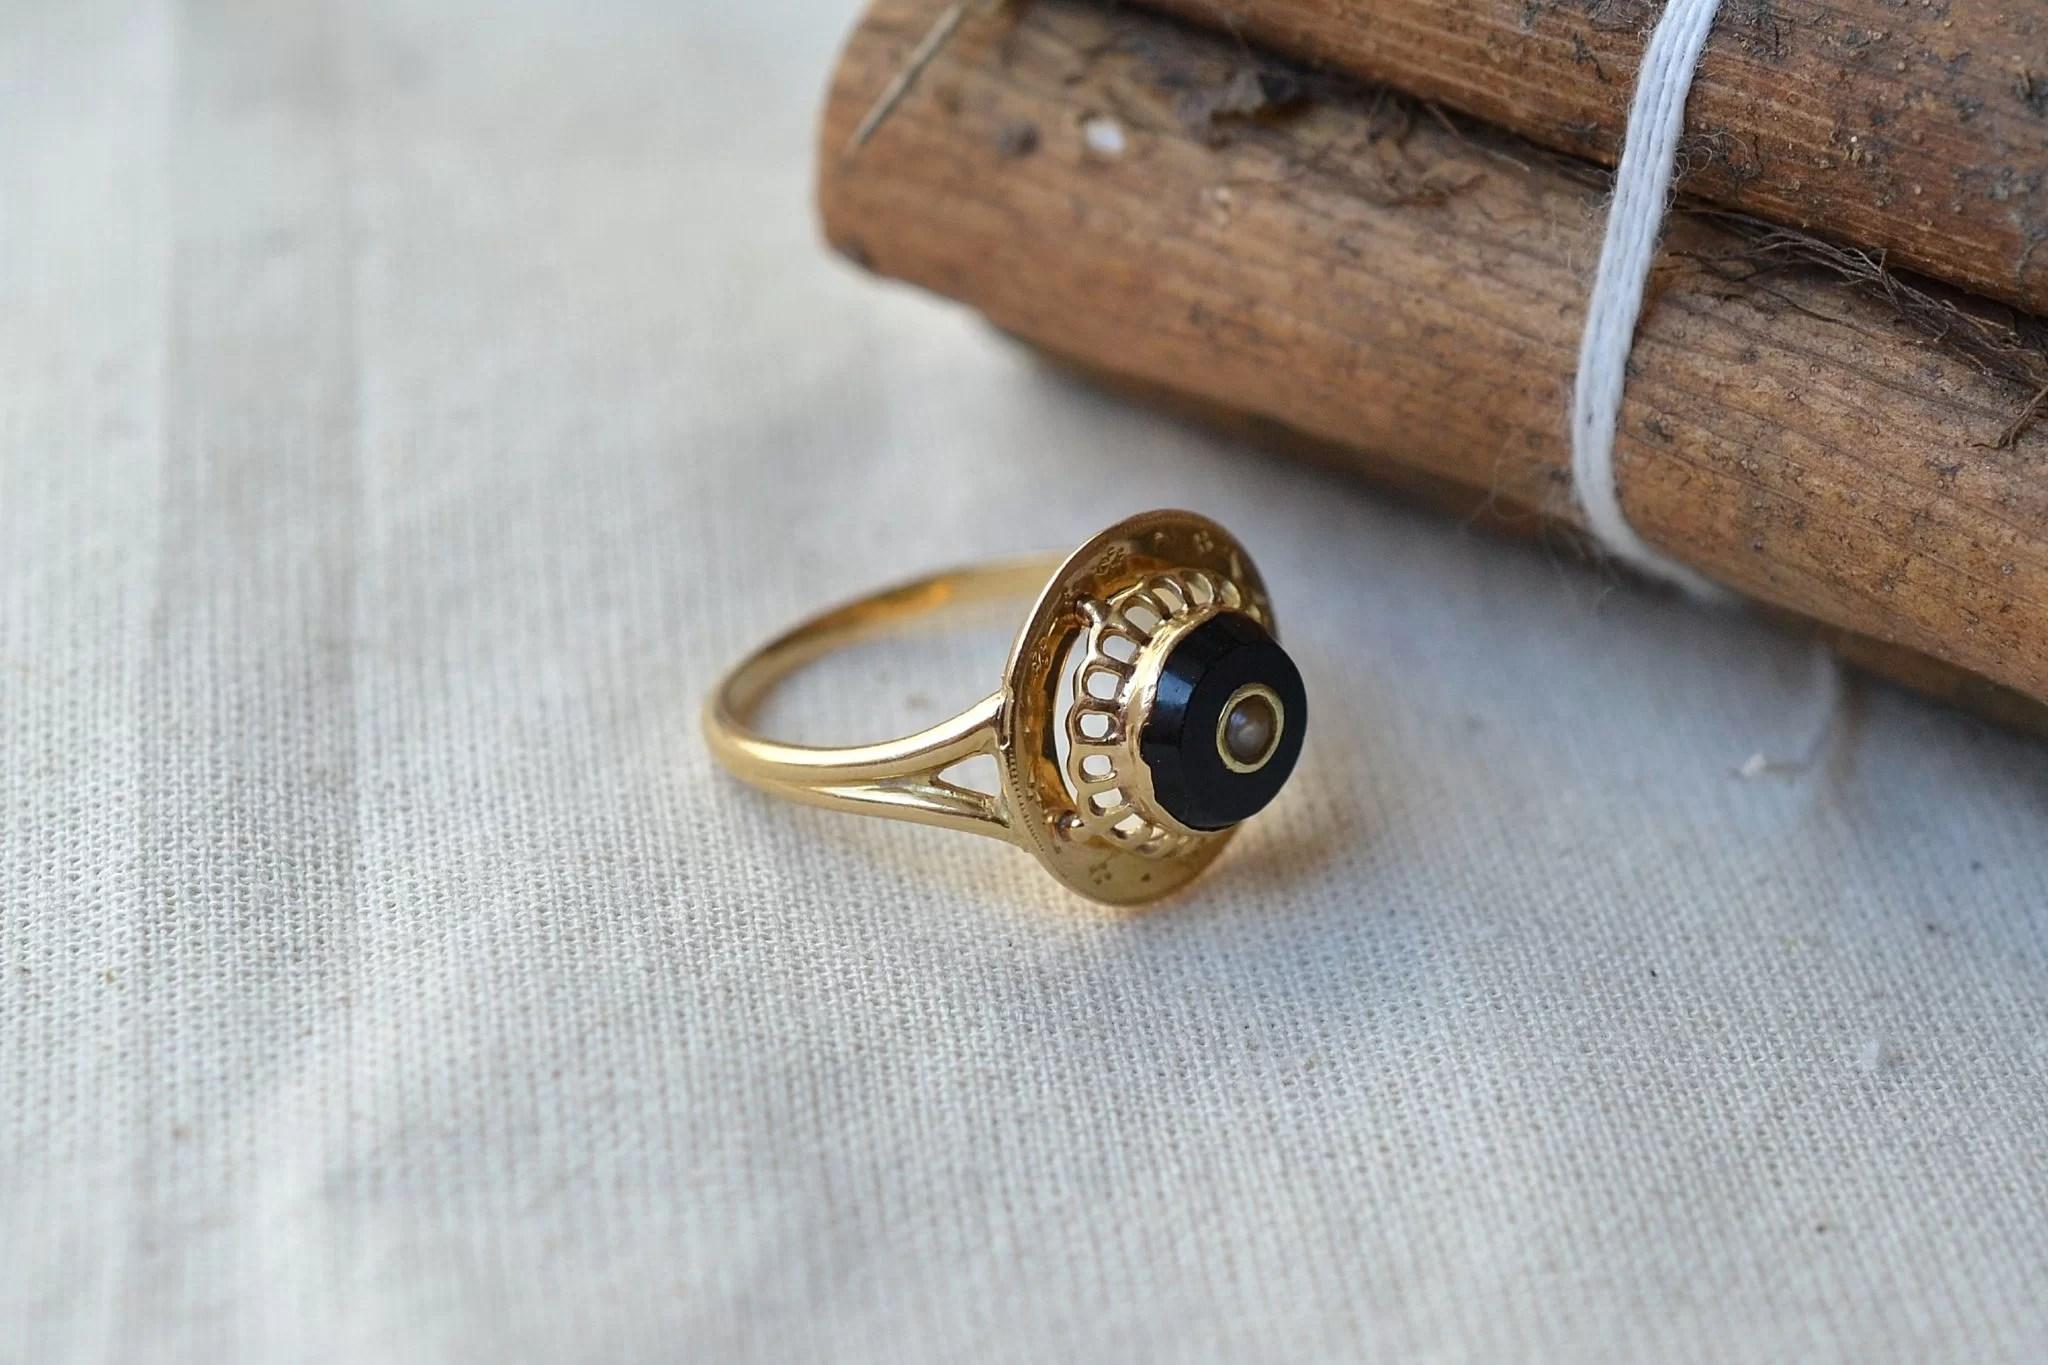 Bague en Or jaune sertie d_une plaque d_onyx noir centrée d_une perle baroque - bague ancienne